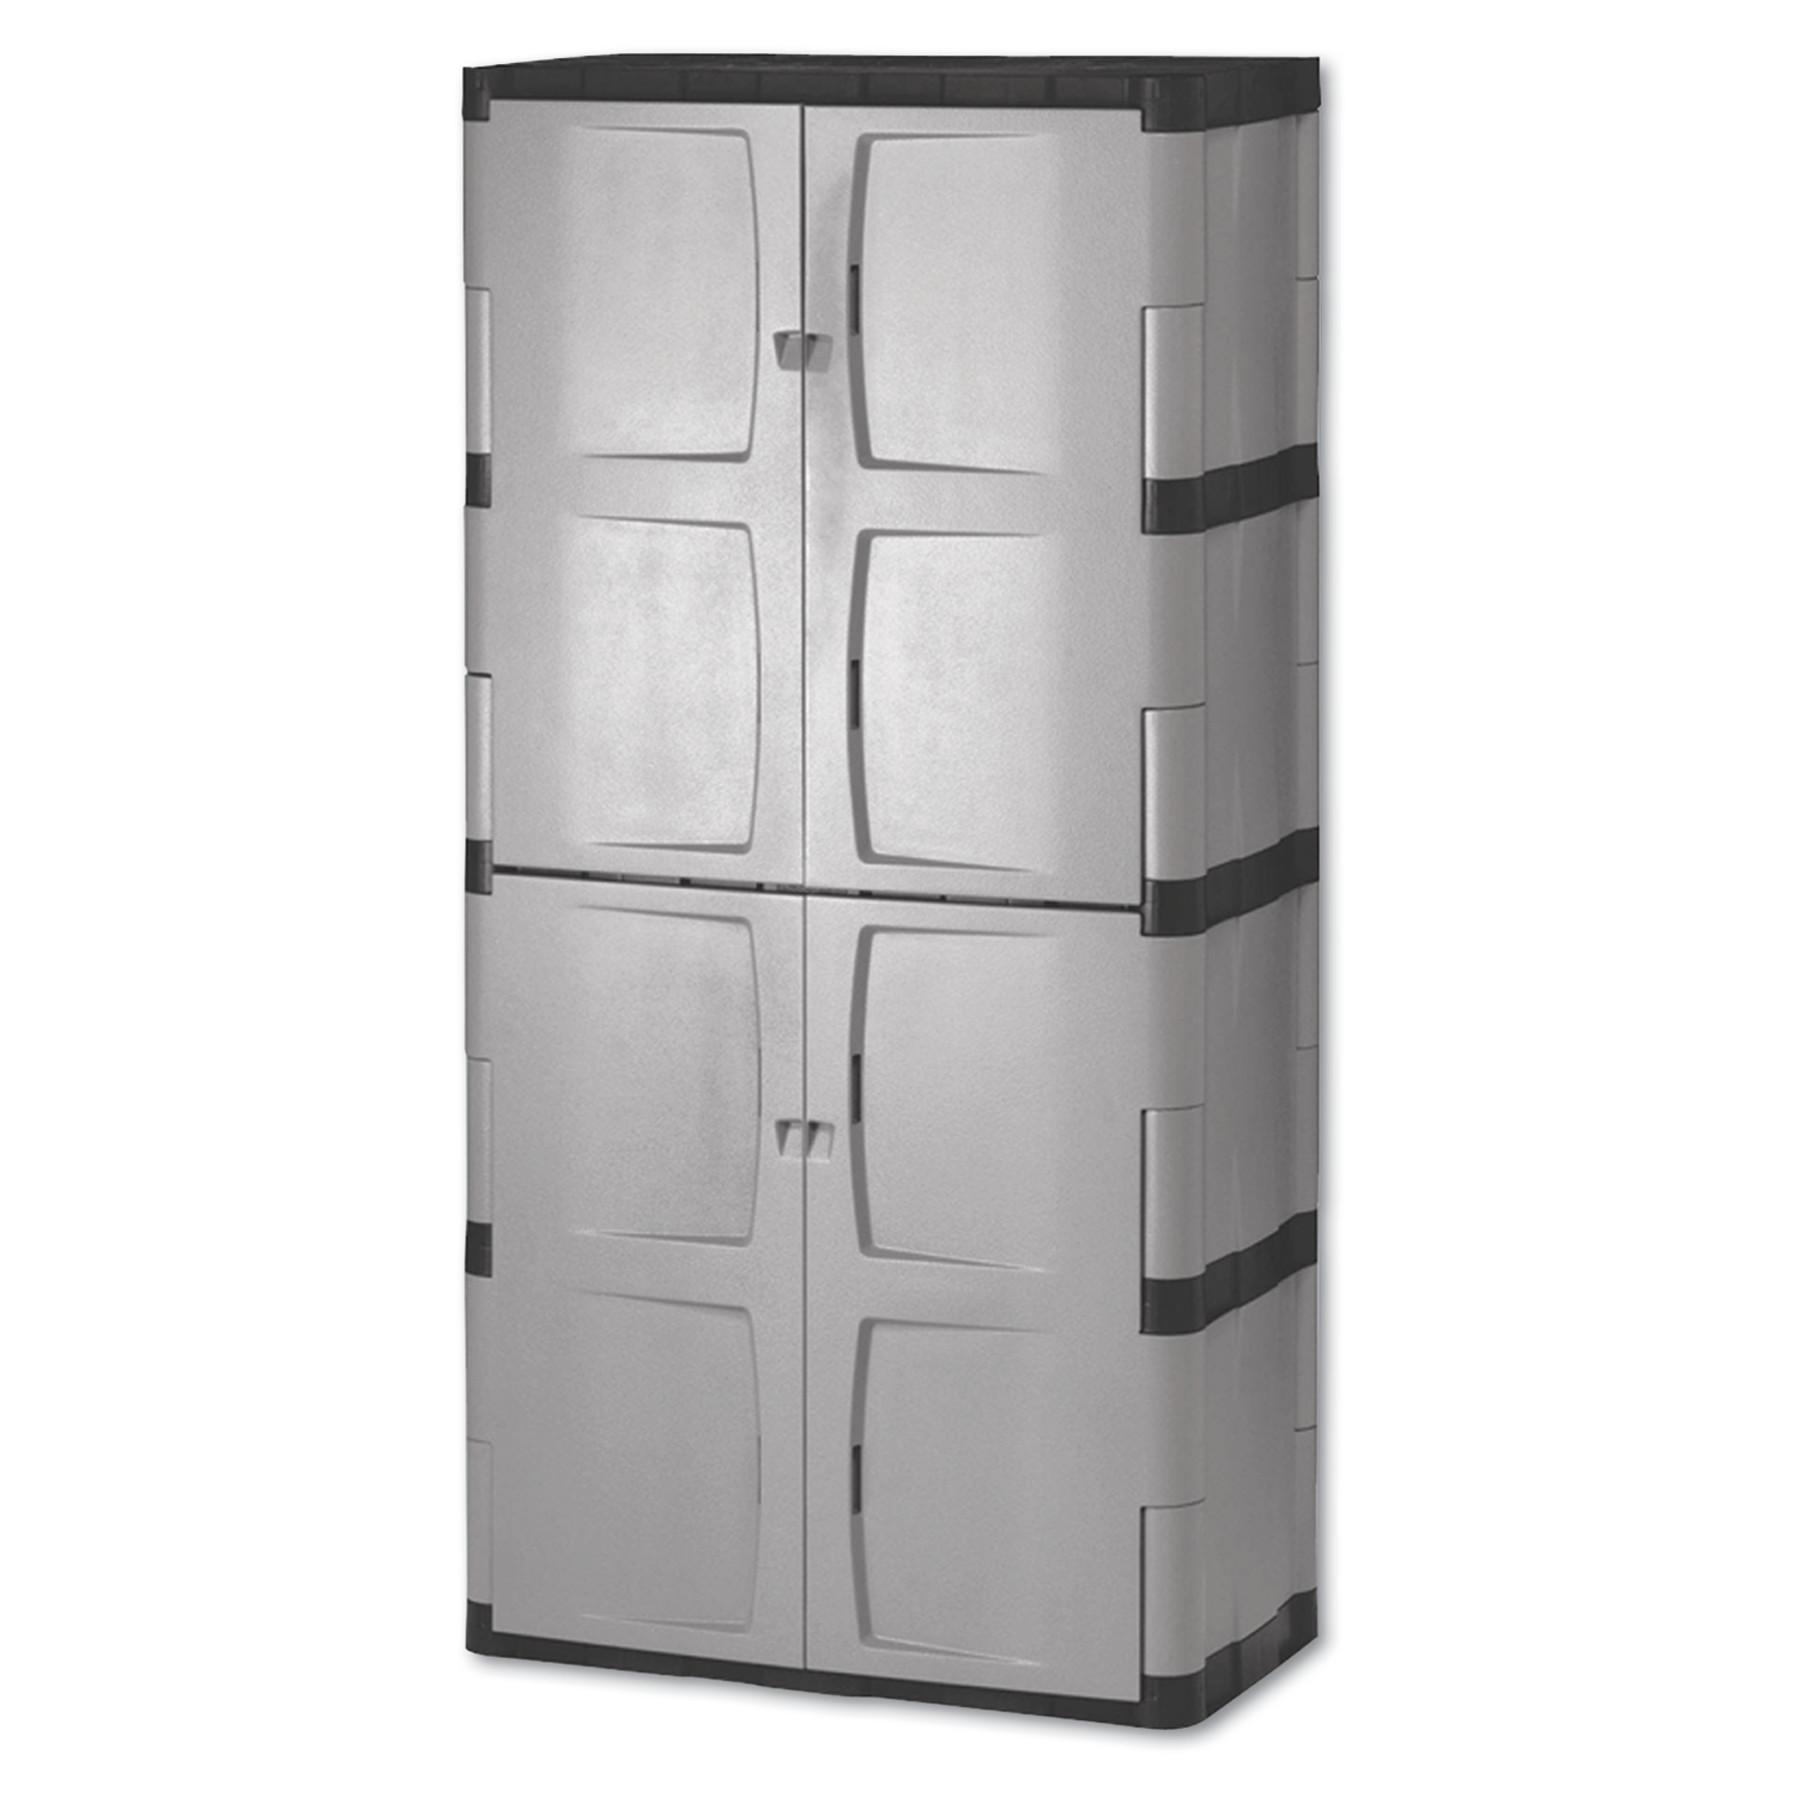 Rubbermaid Double Door Storage Cabinet BaseTop 36w x 18d x 72h